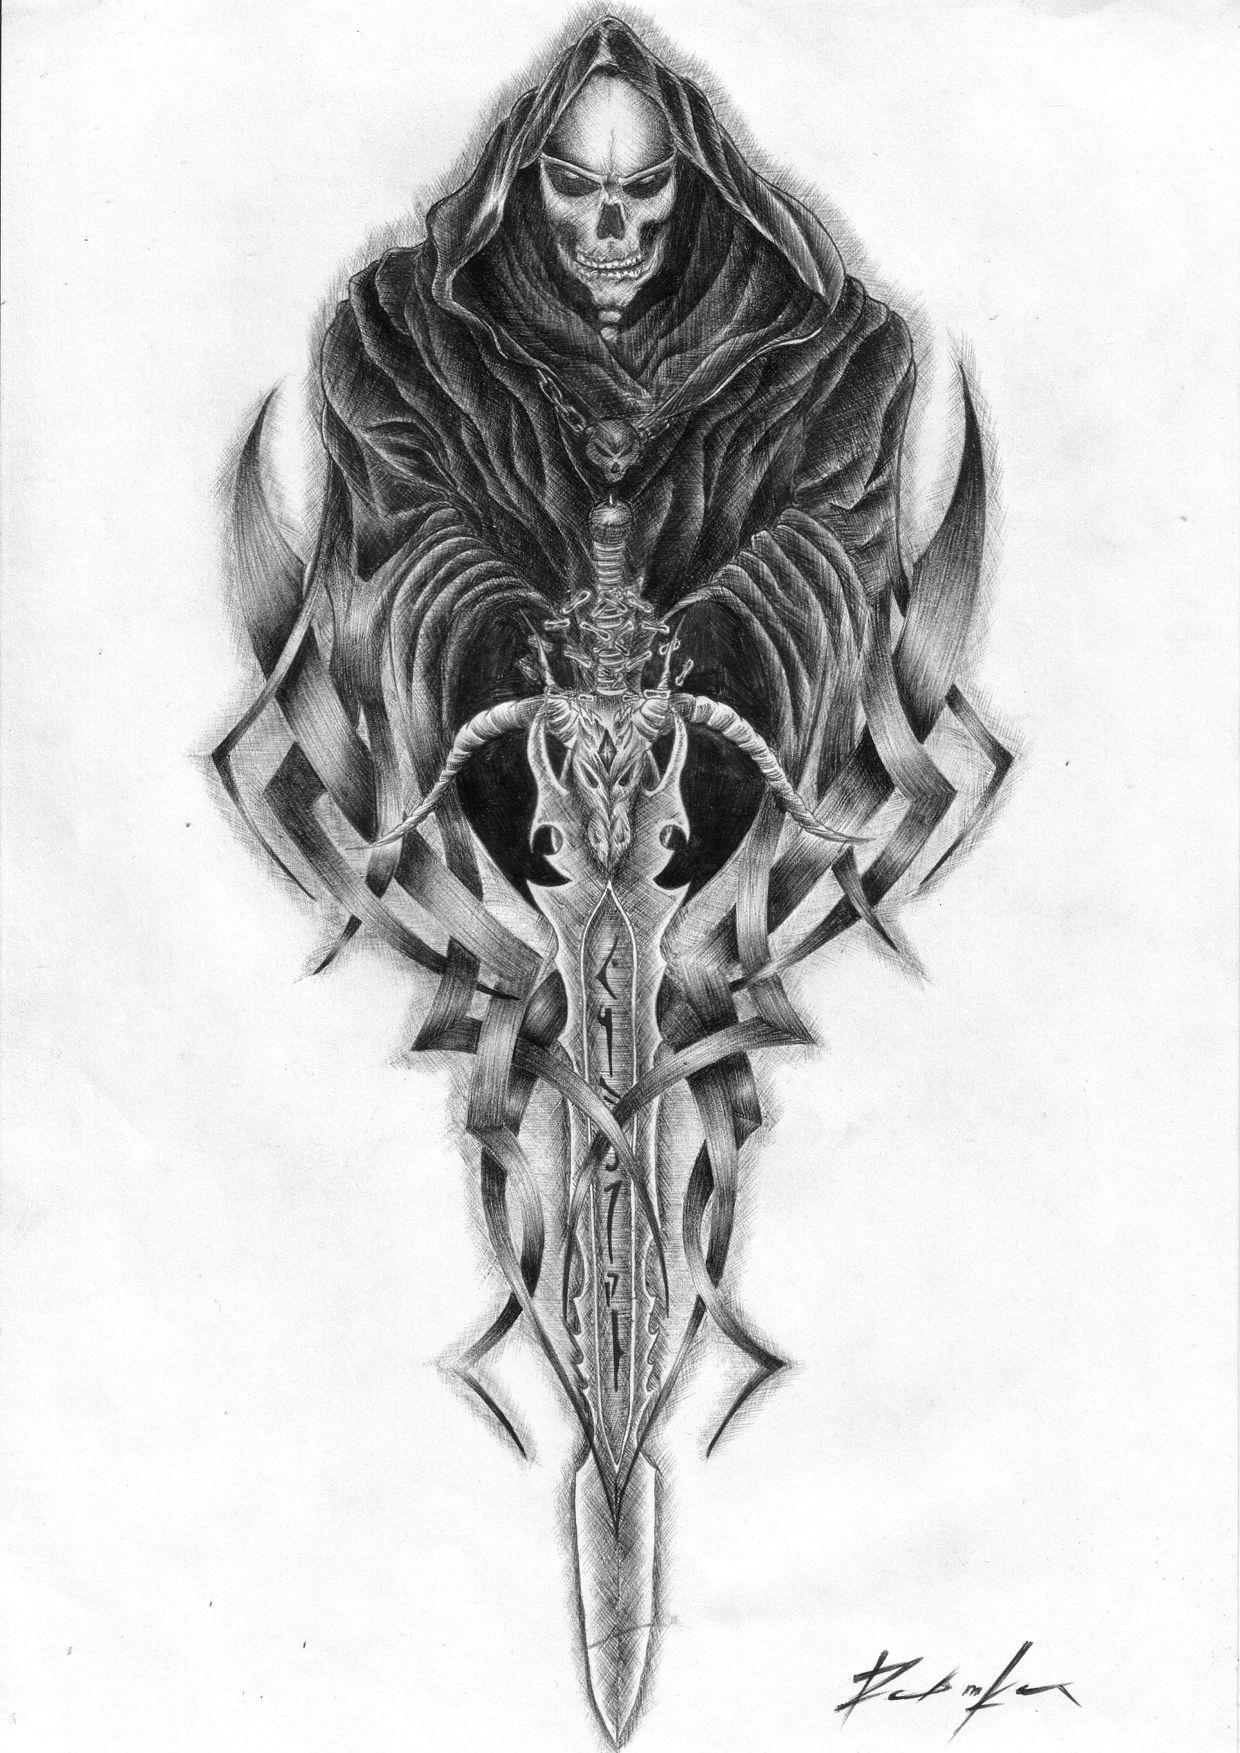 tattos pics grim reaper tattoo design picture in album. Black Bedroom Furniture Sets. Home Design Ideas